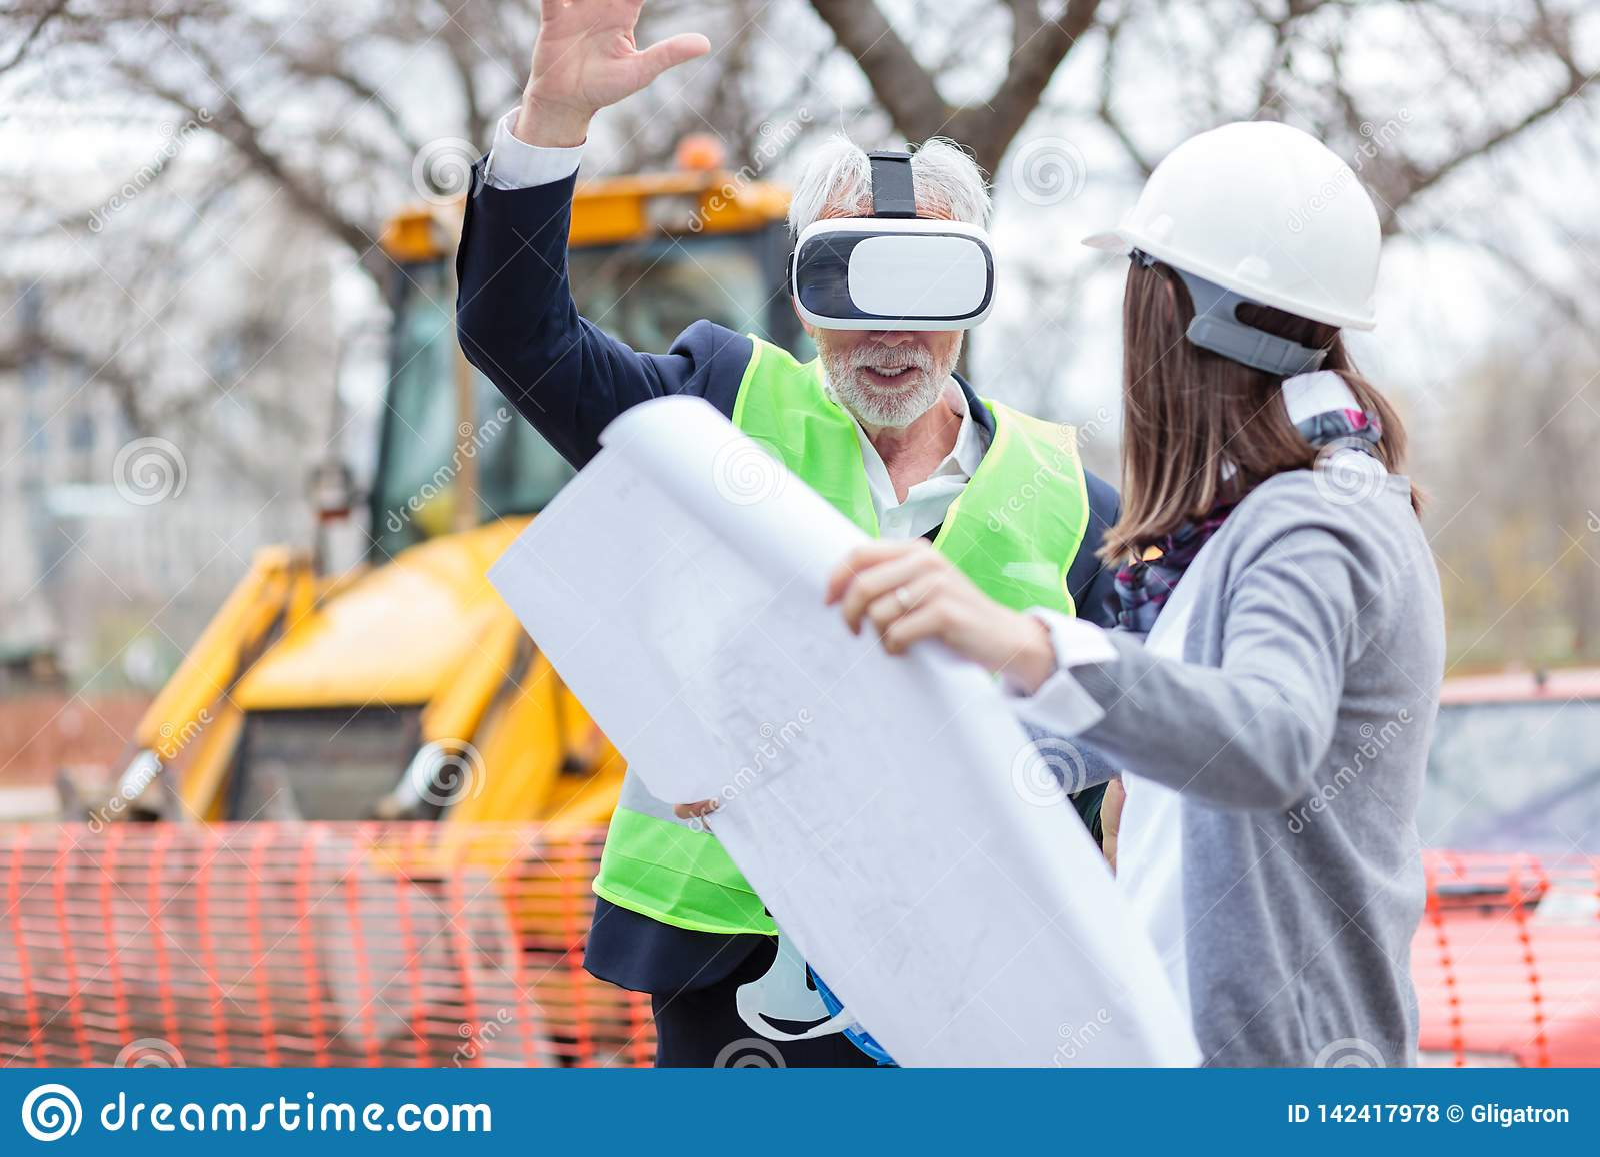 Старшие архитектор или бизнесмен используя изумленные взгляды виртуальной реальности на строительной площадке